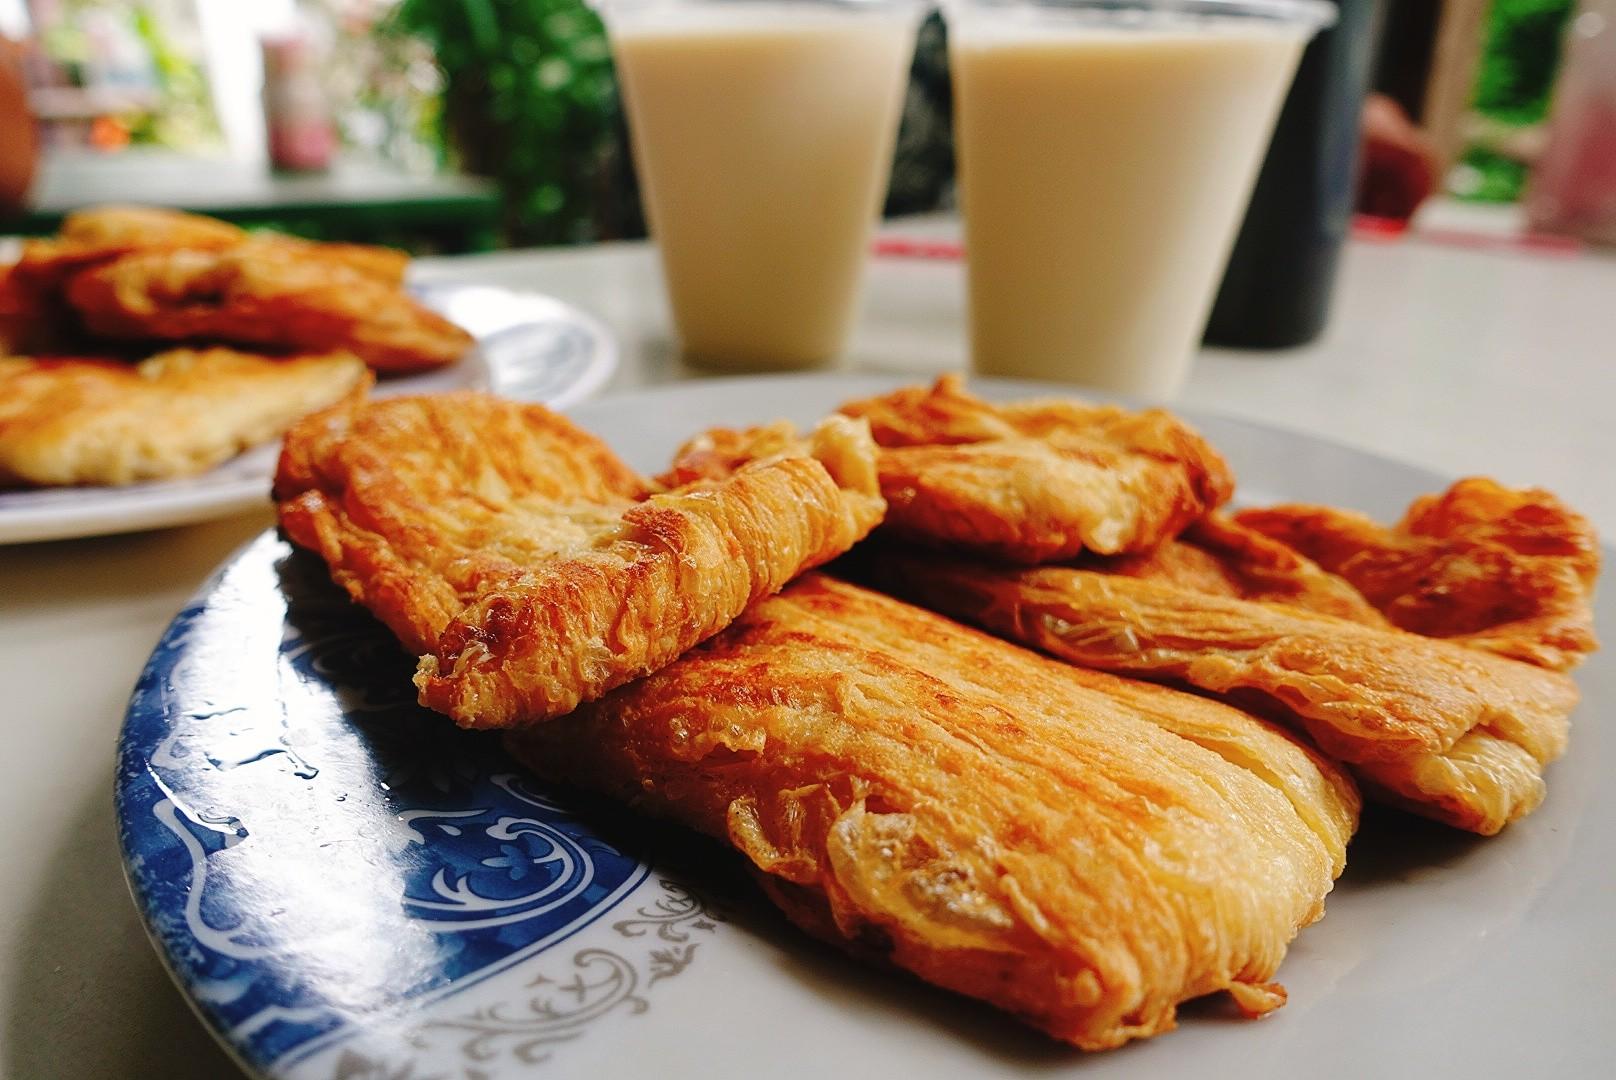 【台東池上】大池豆包豆皮豆漿店|必嚐的手工香煎豆包與香醇豆漿